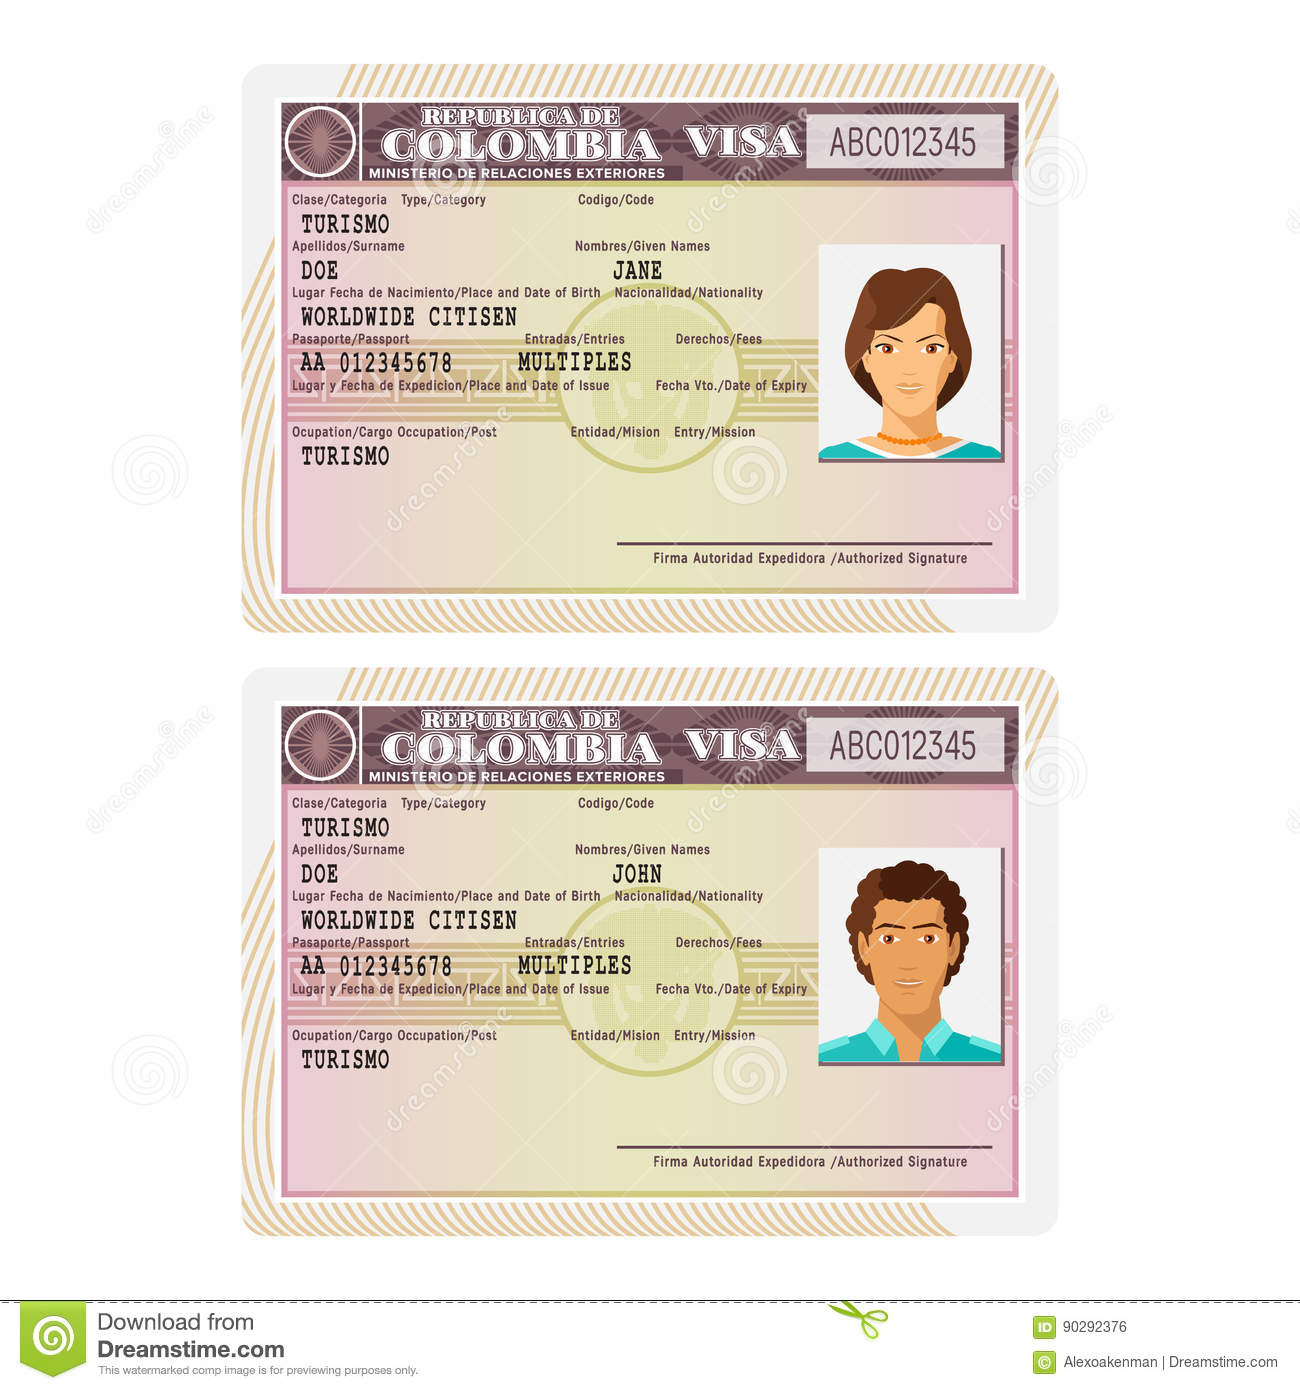 Visa là loại giấy tờ quan trọng nhất cho phép bạn được đặt chân đến Colombia